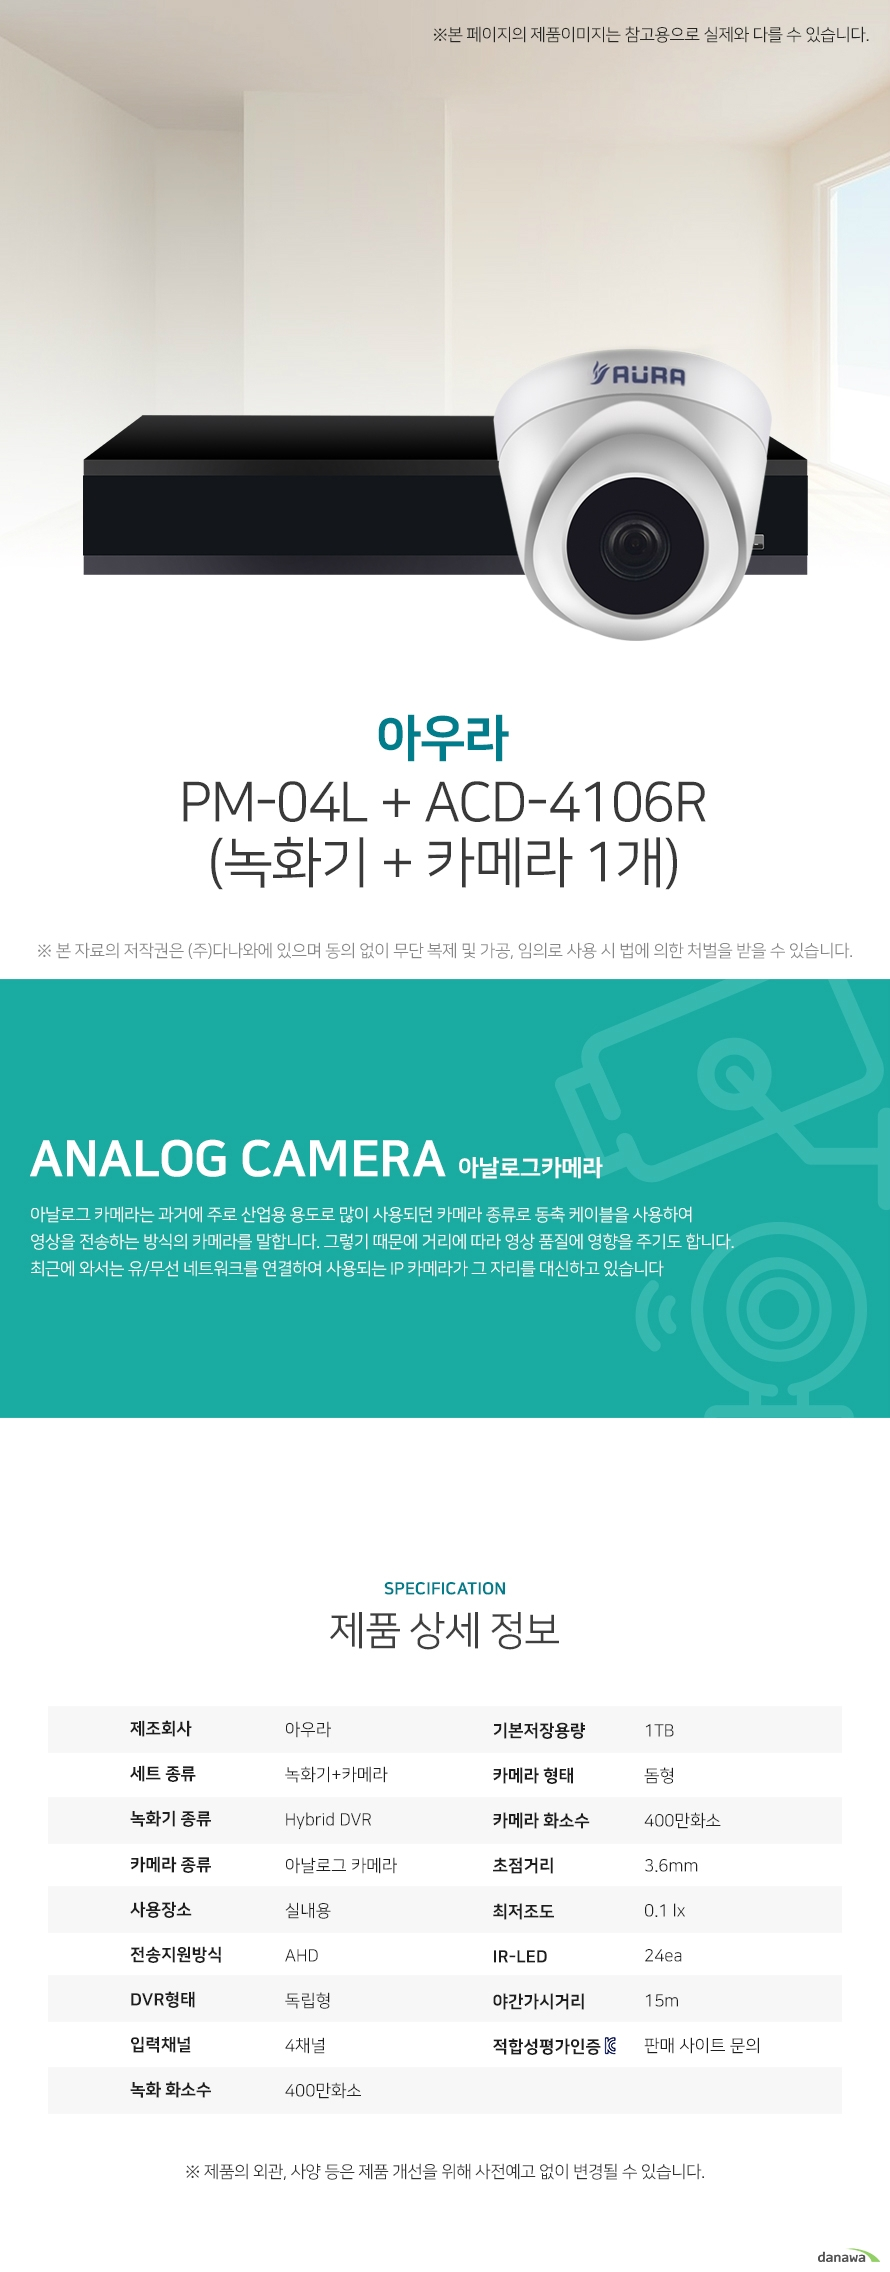 아우라 PM-04L + ACD-4106R (녹화기 + 카메라 1개) 상세 스펙  [세트구성] 녹화기+카메라 / Hybrid DVR / 아날로그 카메라 / 실내용 / AHD / [녹화기] 독립형 / 4채널 / 400만화소 / 기본저장용량: 1TB / 압축방식: H.264 / [카메라] 돔형 / 400만화소 / 초점거리: 3.6mm / 최저조도: 0.1 lx / IR-LED: 24ea / 야간(주간)자동전환 / 역광보정 / AGC / 자동화이트밸런스 / 적외선LED